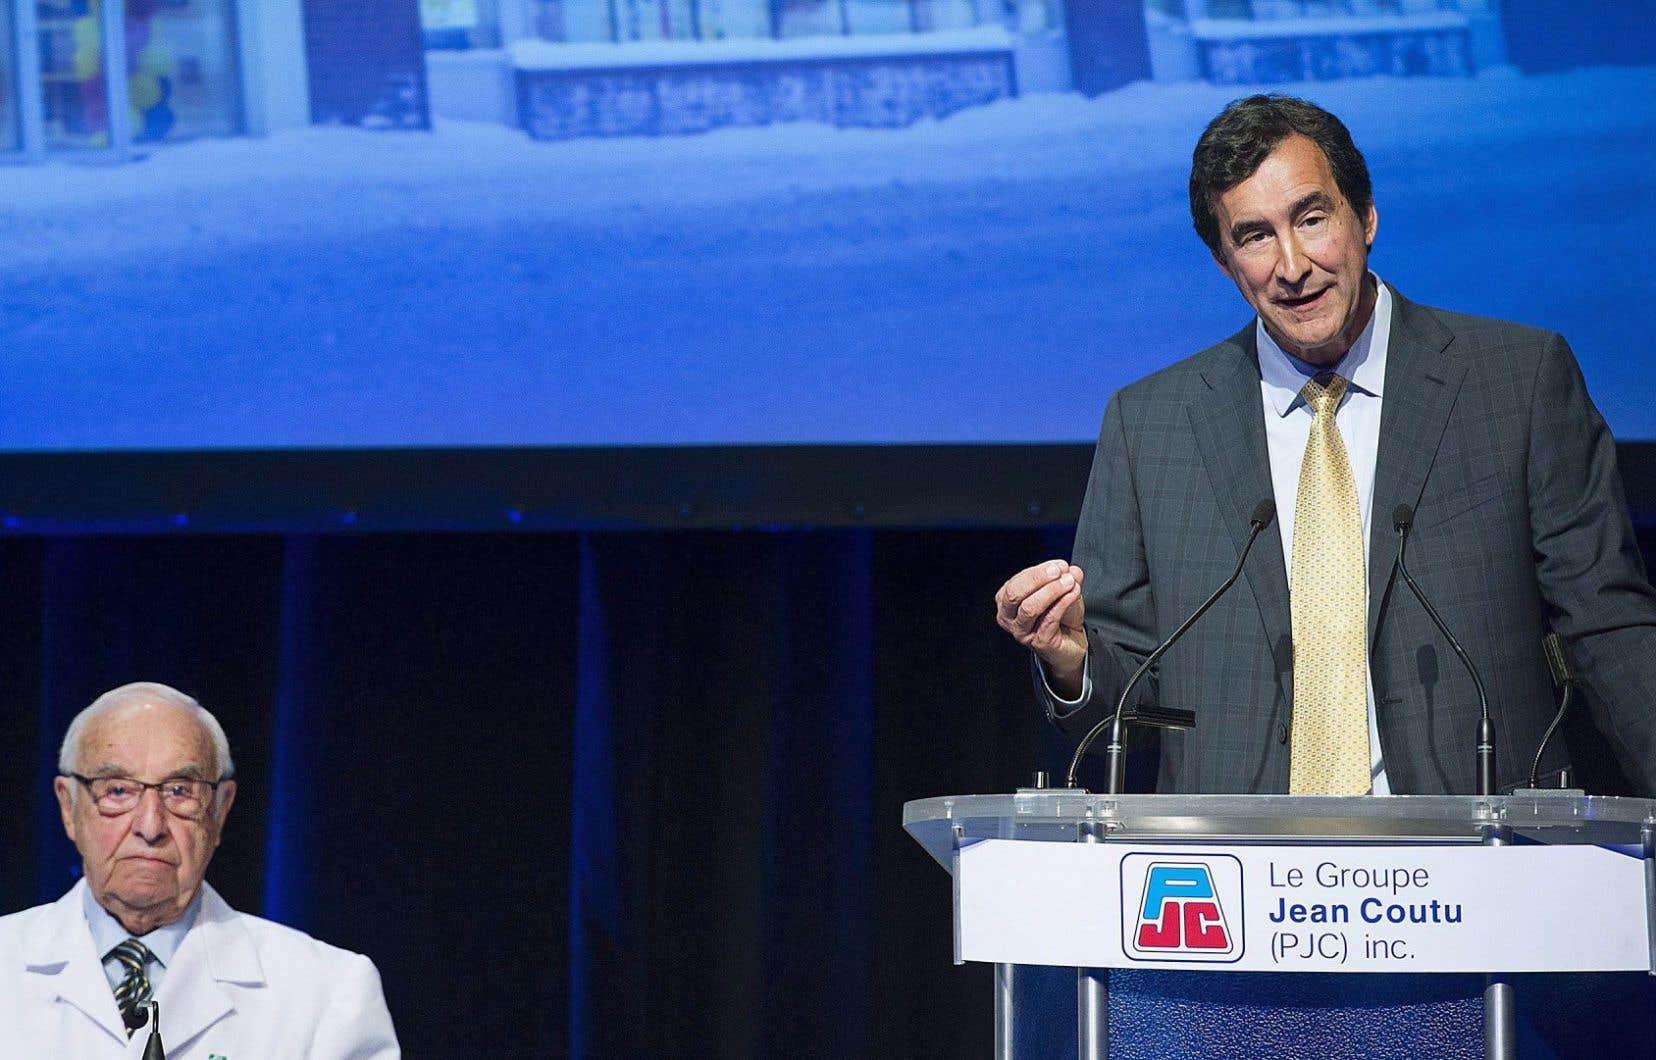 Le fondateur des pharmacies Jean Coutu écoute son fils, François Coutu, président et chef de la direction du Groupe Jean Coutu, qui s'adresse aux actionnaires de l'entreprise dans le cadre de l'assemblée générale qui avait lieu mardi.